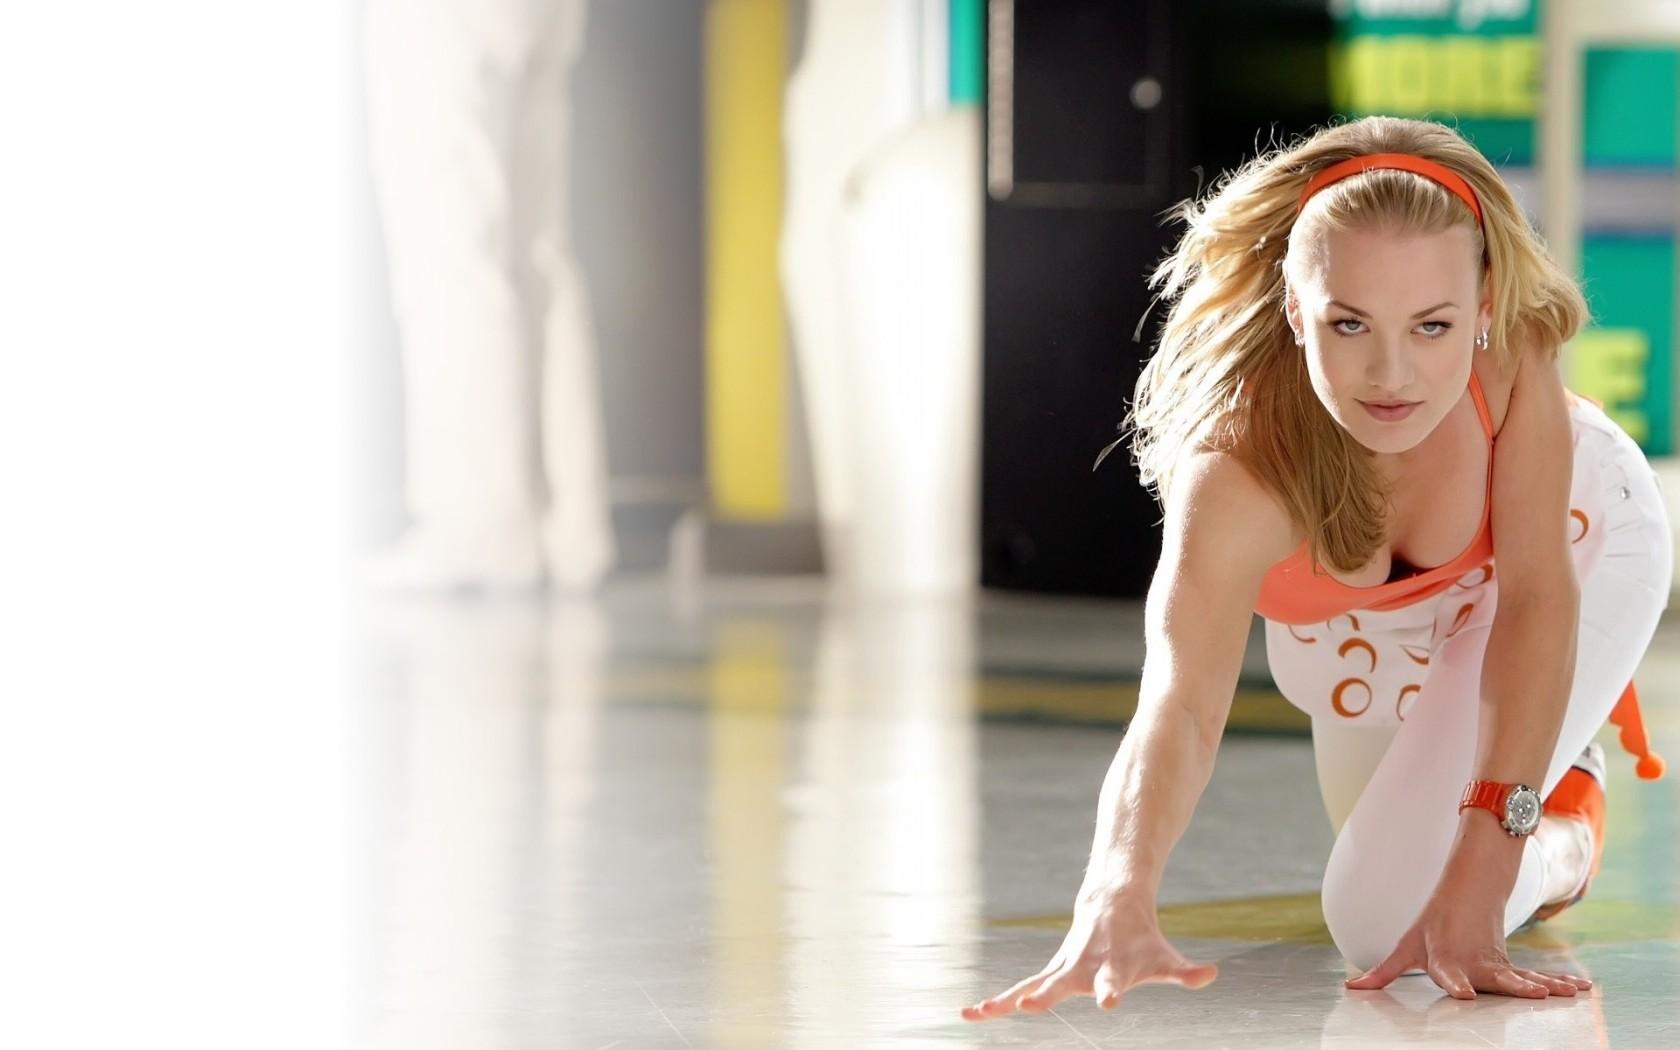 Yvonne Strahovski Dancing Gif